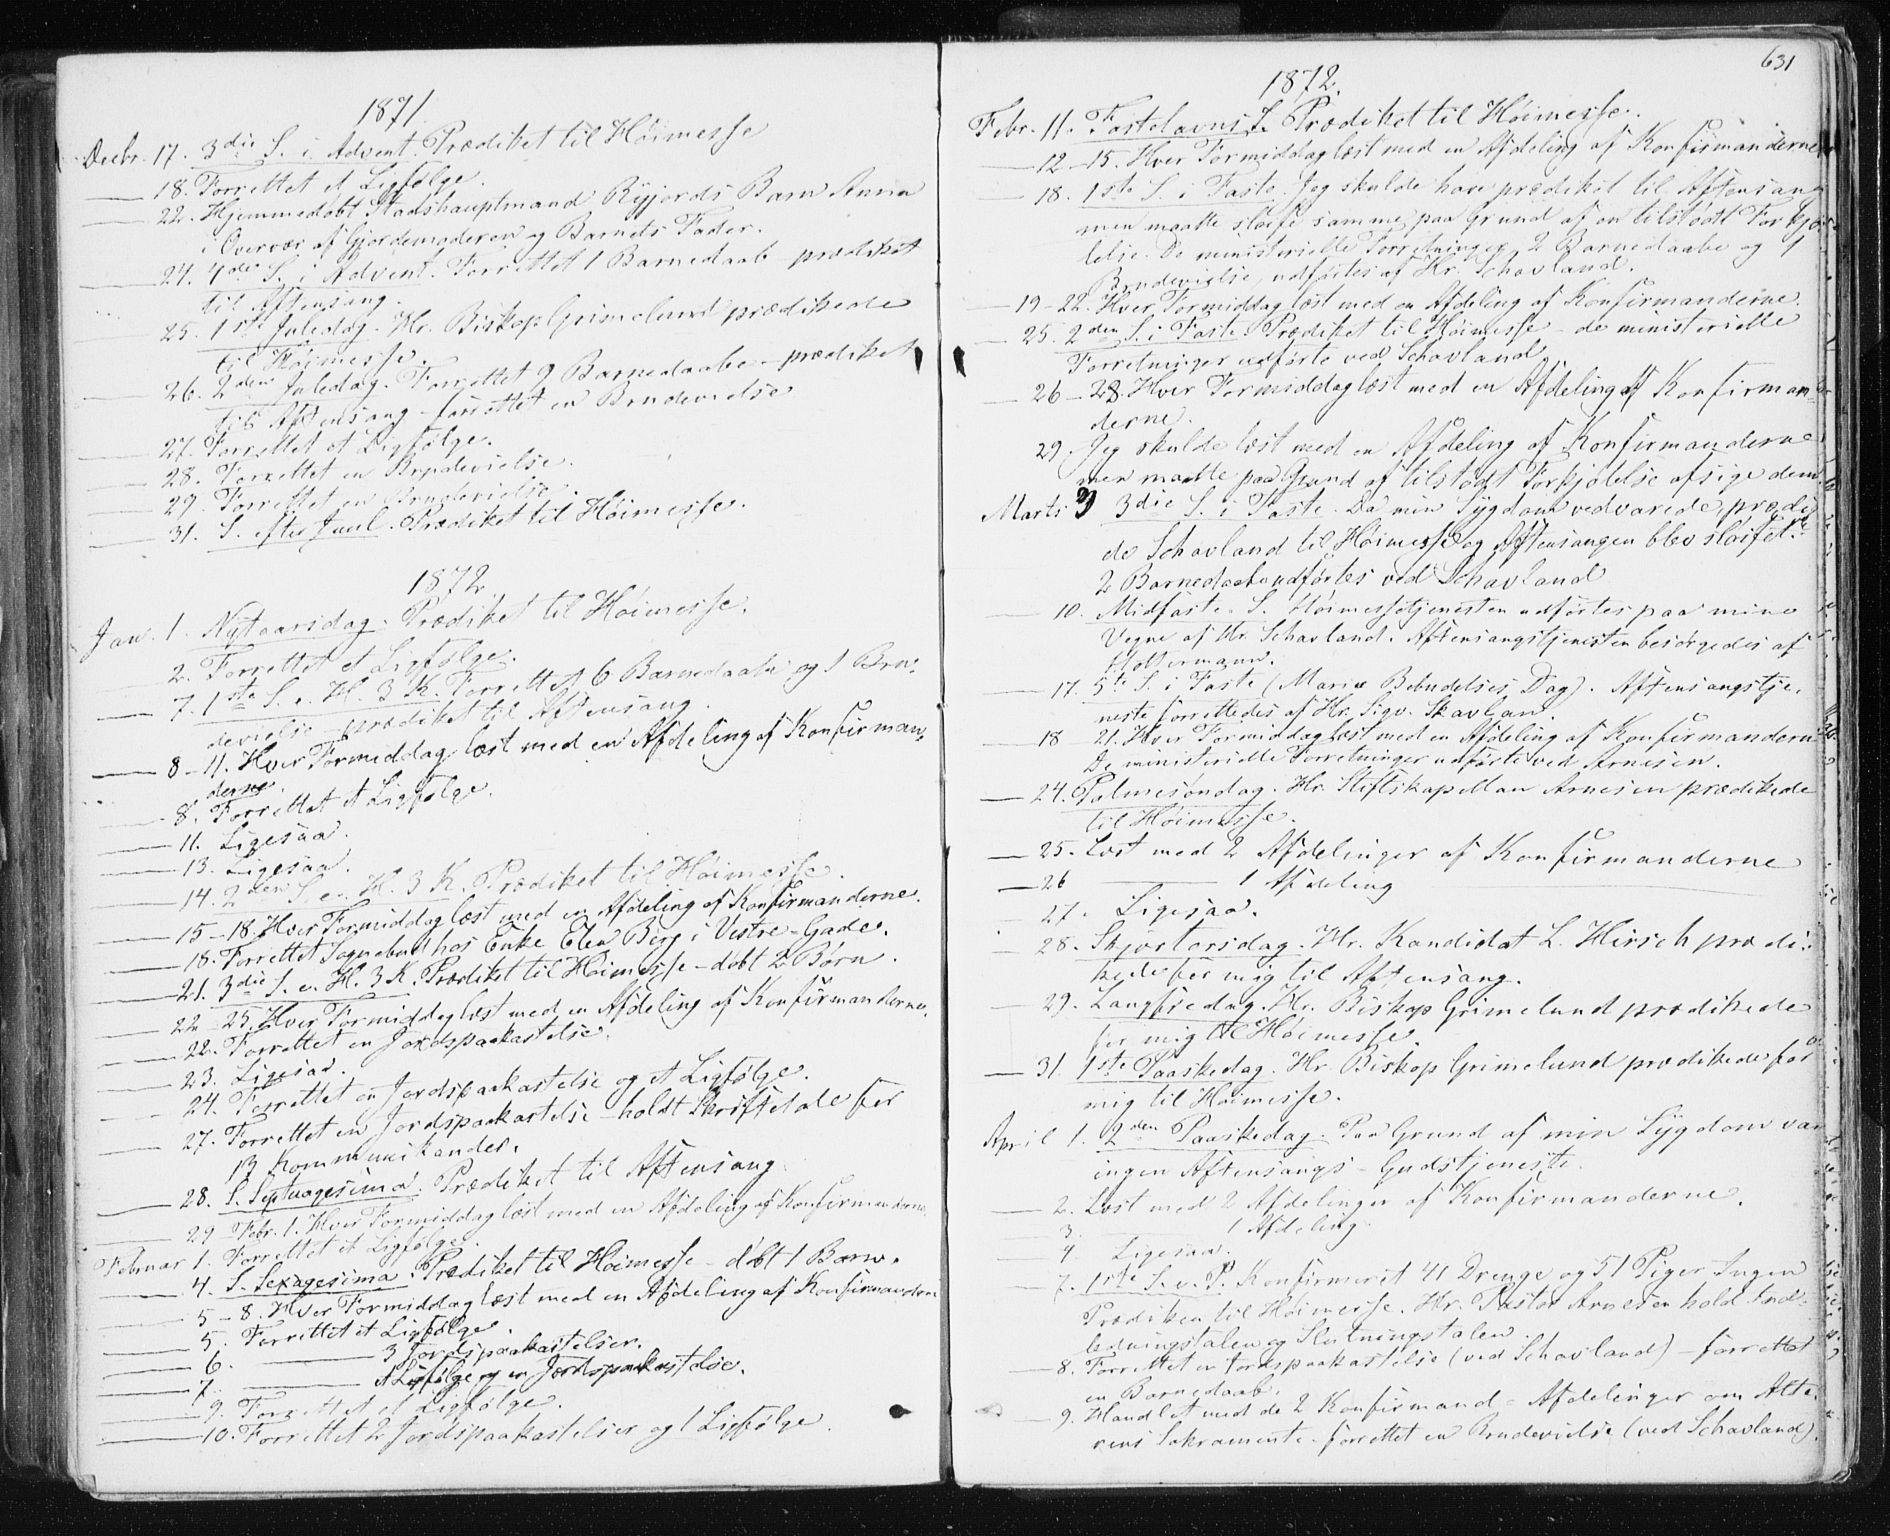 SAT, Ministerialprotokoller, klokkerbøker og fødselsregistre - Sør-Trøndelag, 601/L0055: Ministerialbok nr. 601A23, 1866-1877, s. 631